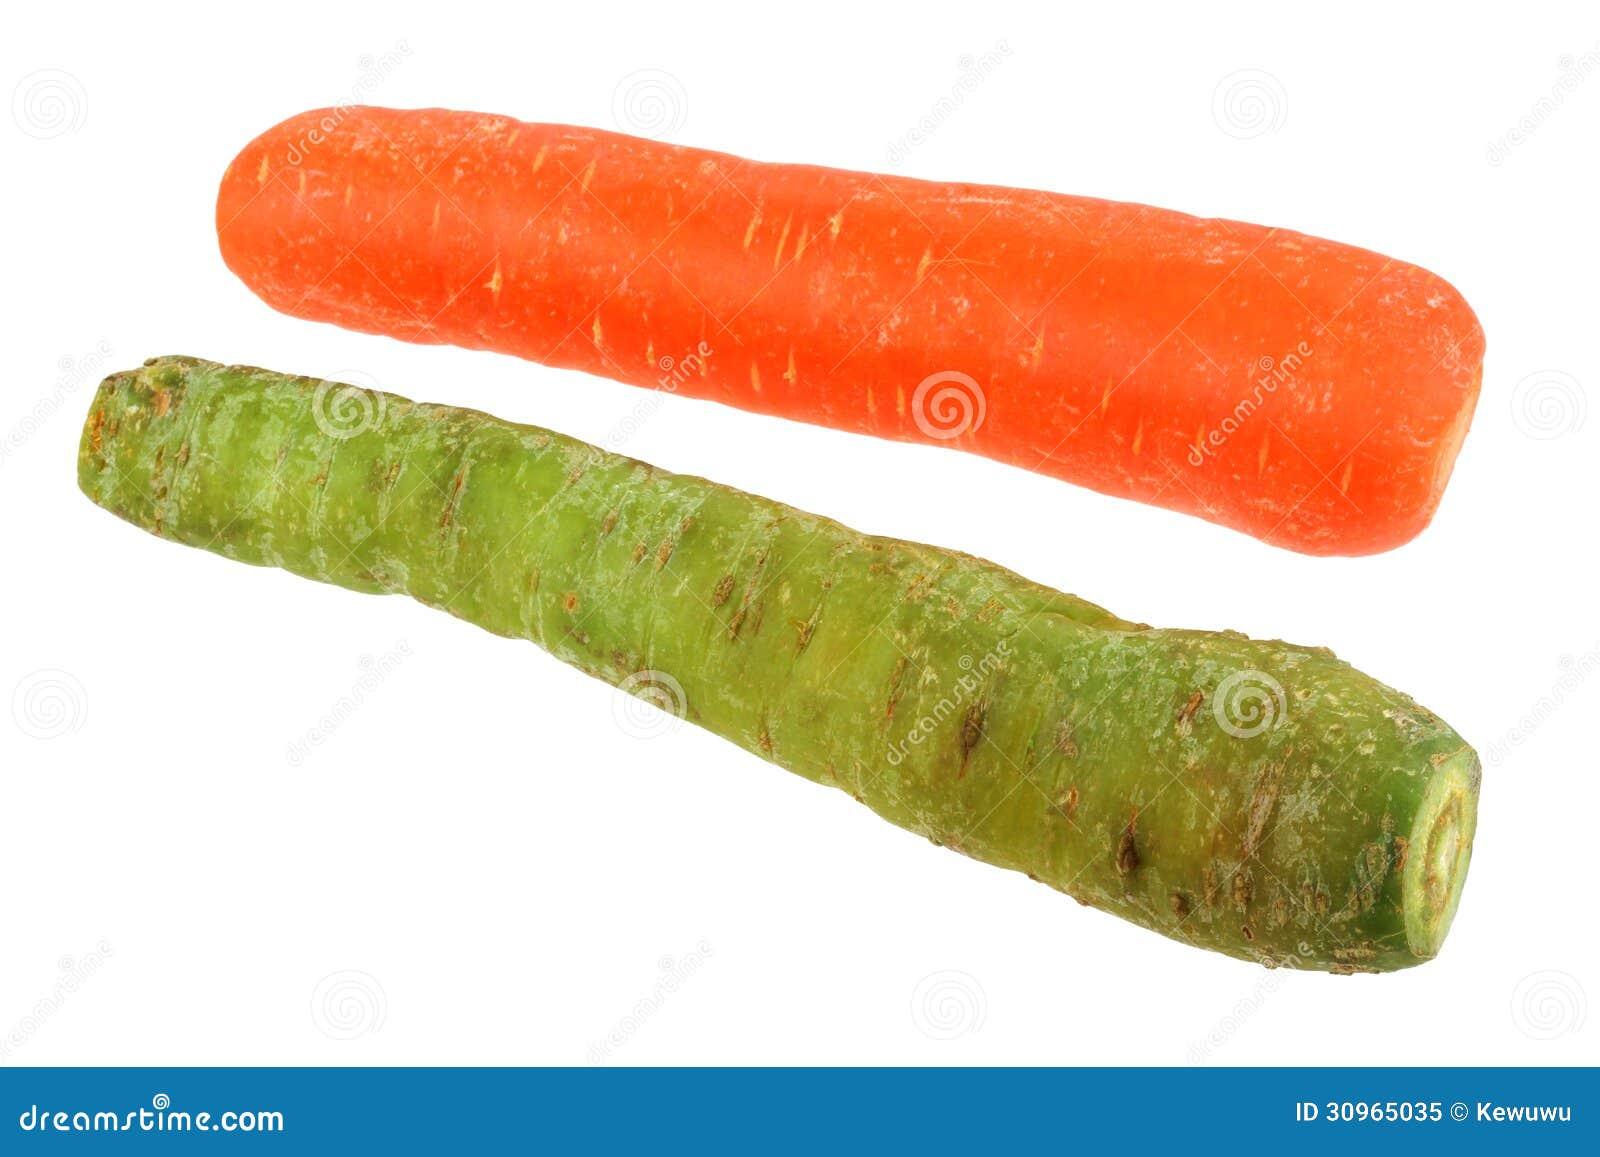 Zanahoria Anaranjada Al Lado De La Zanahoria Amarilla Imagen De Archivo Imagen De Anaranjada Zanahoria 30965035 Ya hay tiendas con zanahorias blancas, amarillas, roja oscura y púrpura, para hacer las ensaladas más divertidas. zanahoria anaranjada al lado de la zanahoria amarilla imagen de archivo imagen de anaranjada zanahoria 30965035